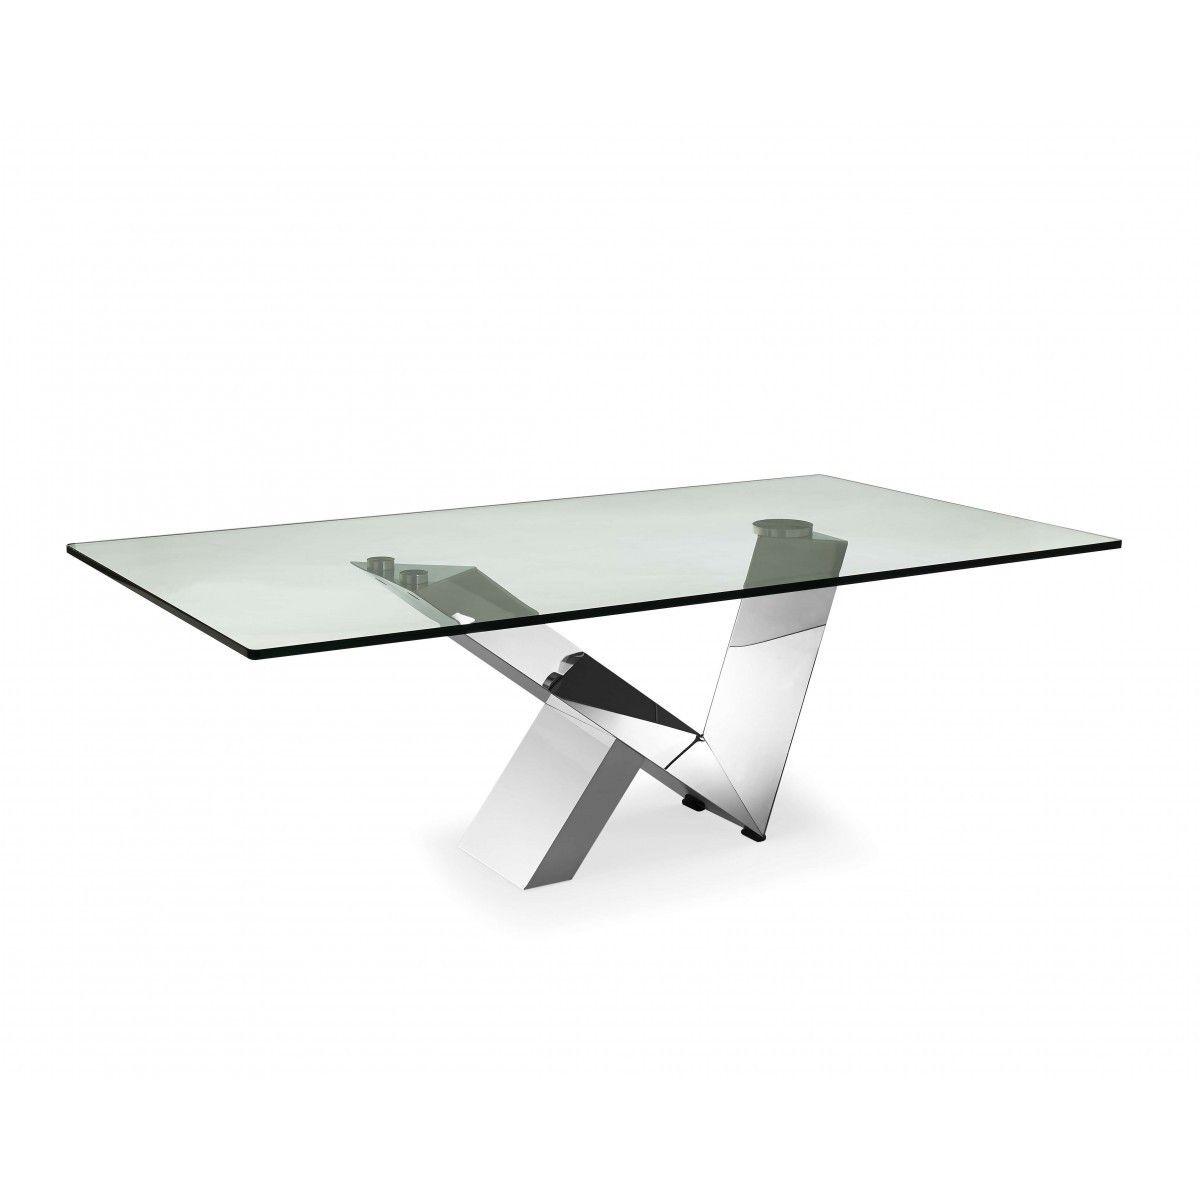 Creative Furniture Design Creative Furniture Sirius Coffee Table The Sirius Coffee Table